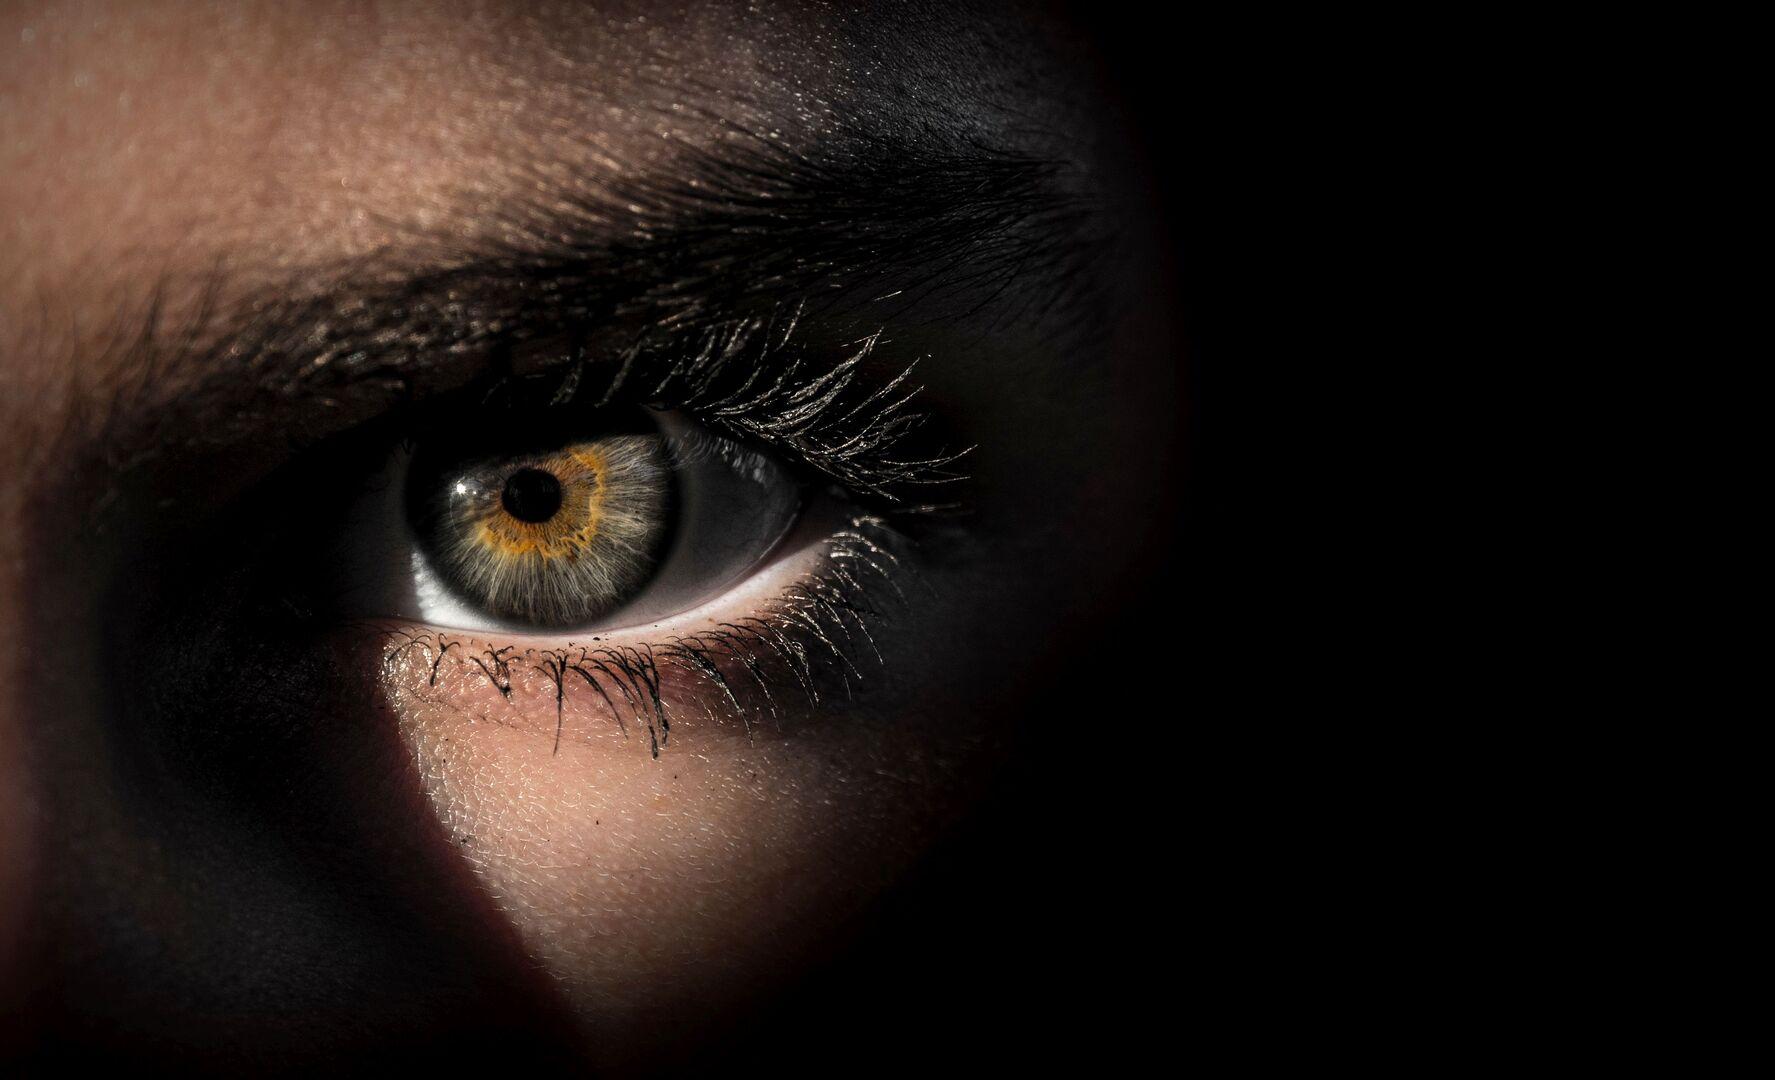 علامة في العين قد تكشف احتمال الإصابة بسرطان فتاك!